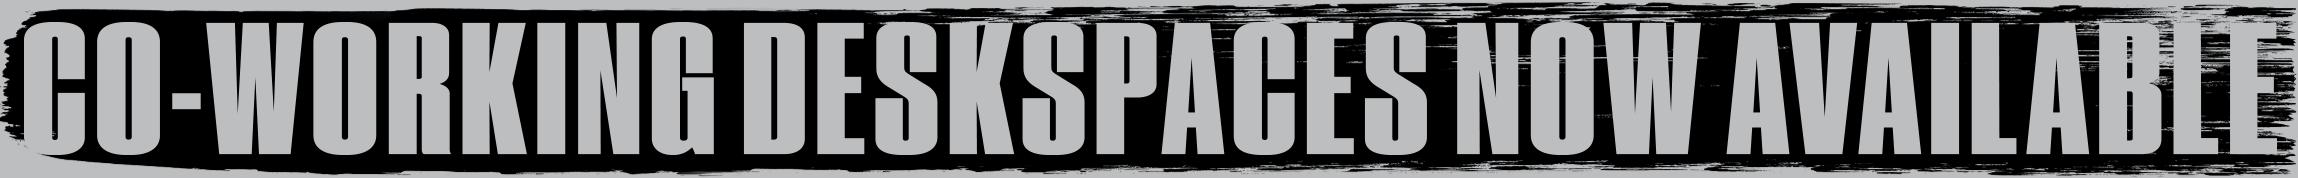 Deskspaces available